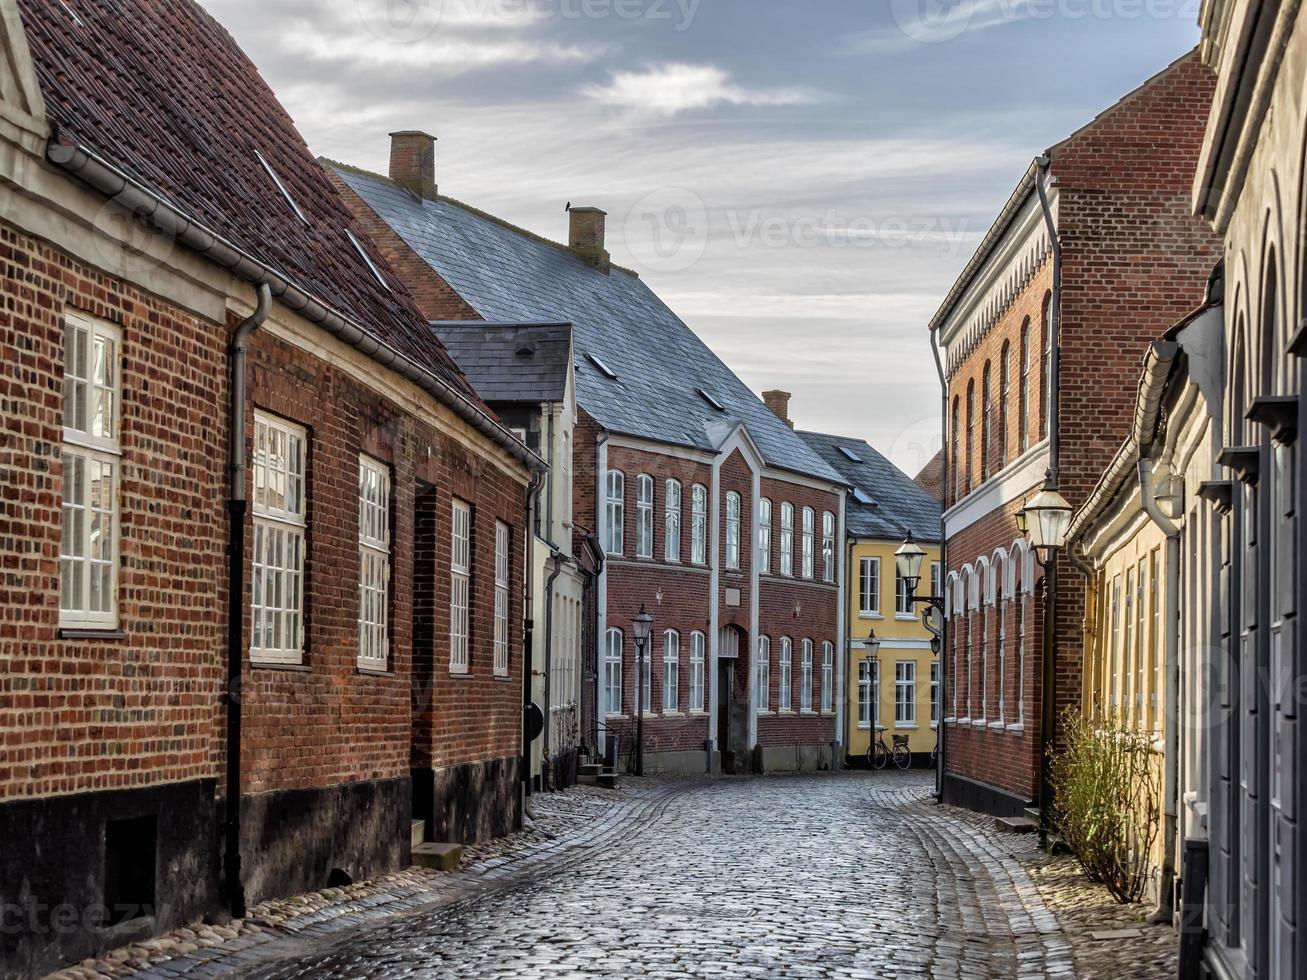 case su strade acciottolate a Ribe, Danimarca foto